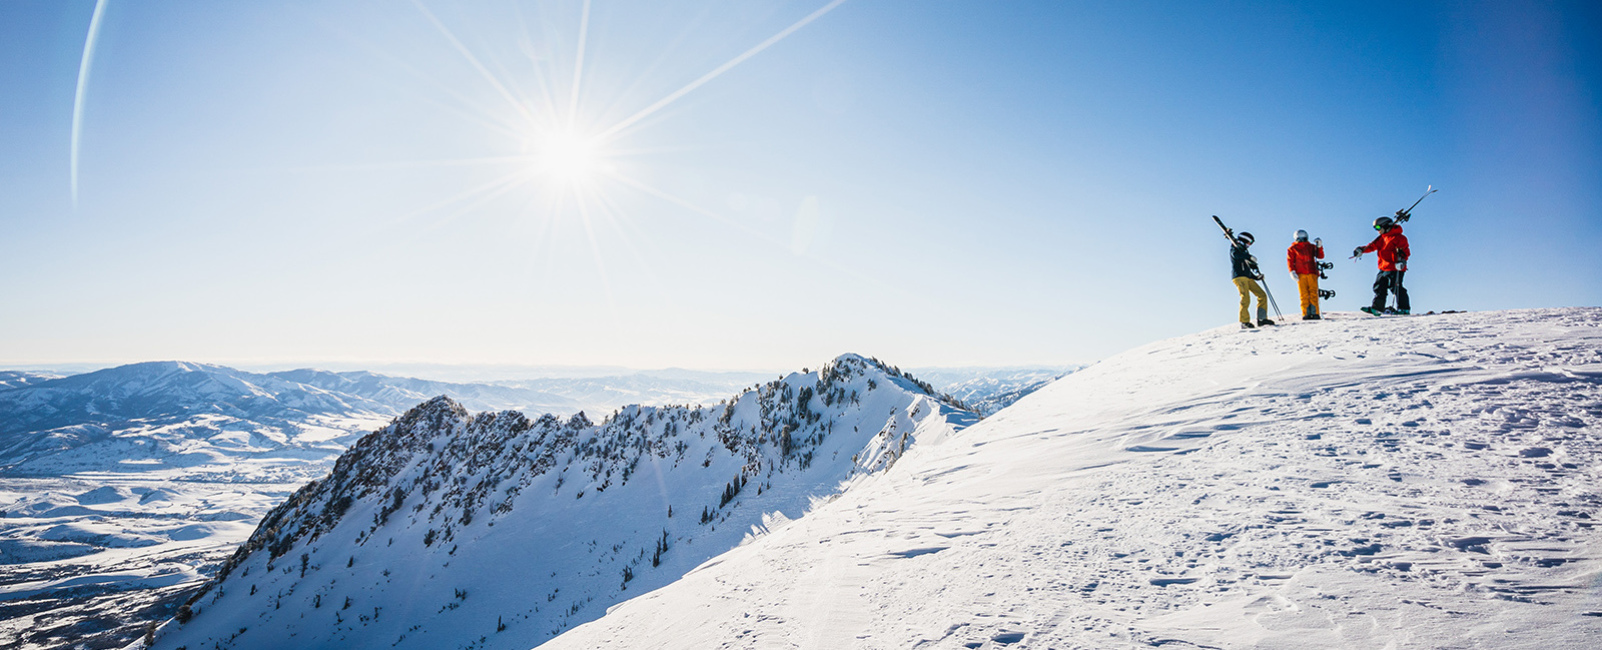 College Ski and Snowboard Clubs in Utah